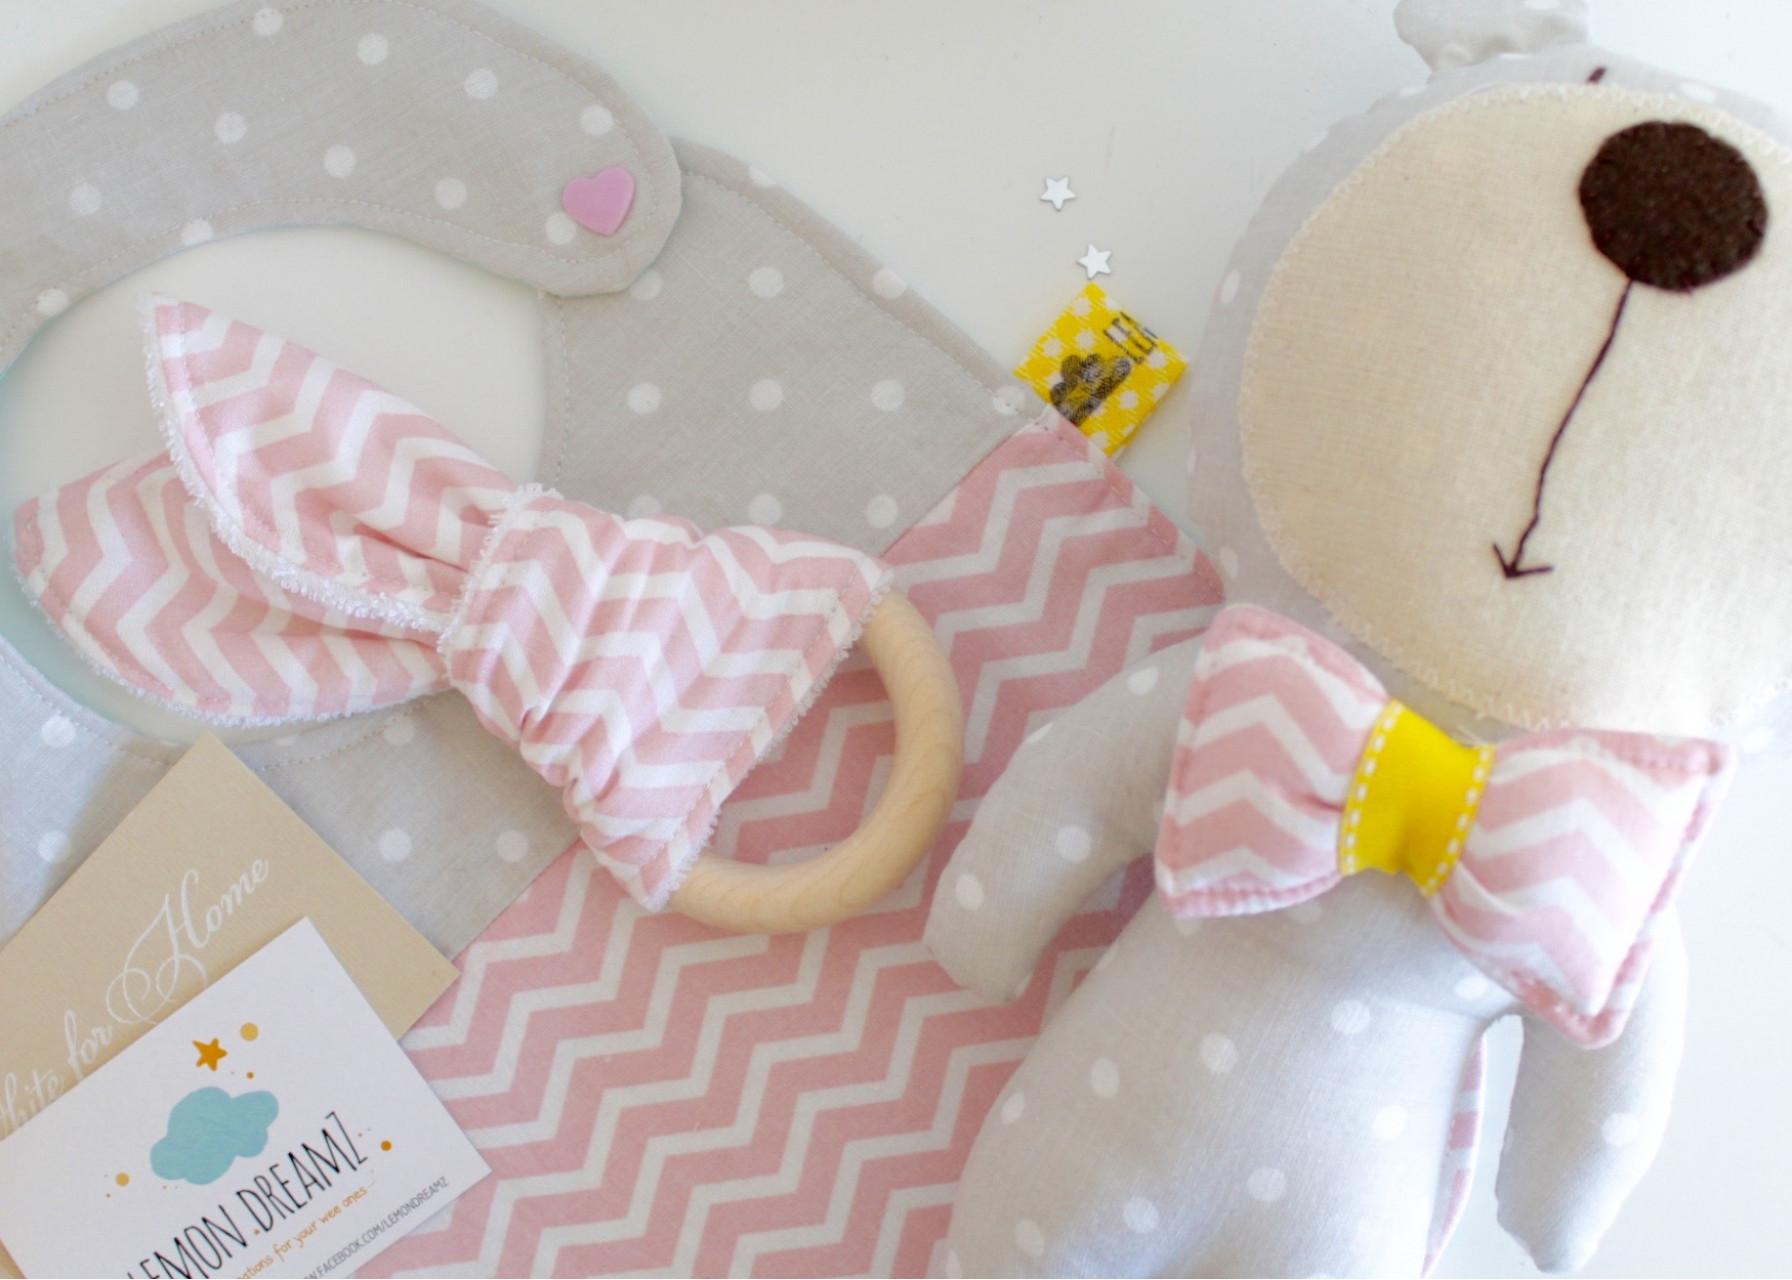 Σετ δώρου για νεογέννητο / Pink Los Fiogos